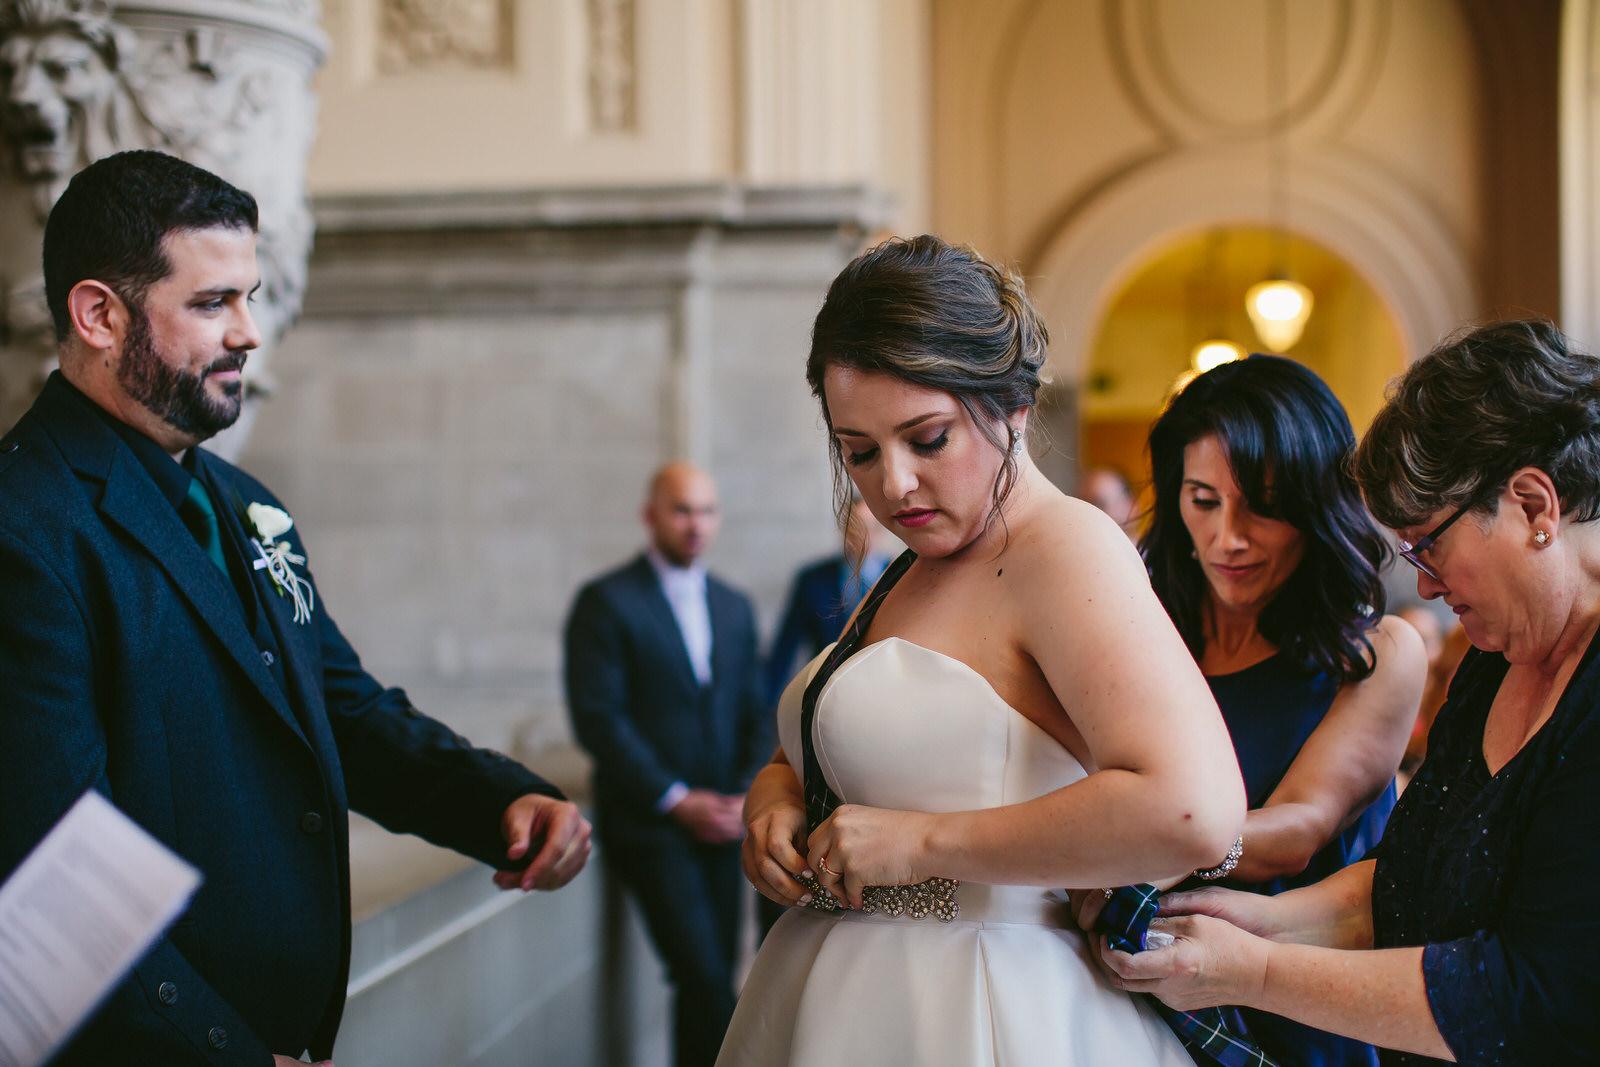 wedding_ceremony_traditions_scottish_kilt_tiny_house_photo.jpg